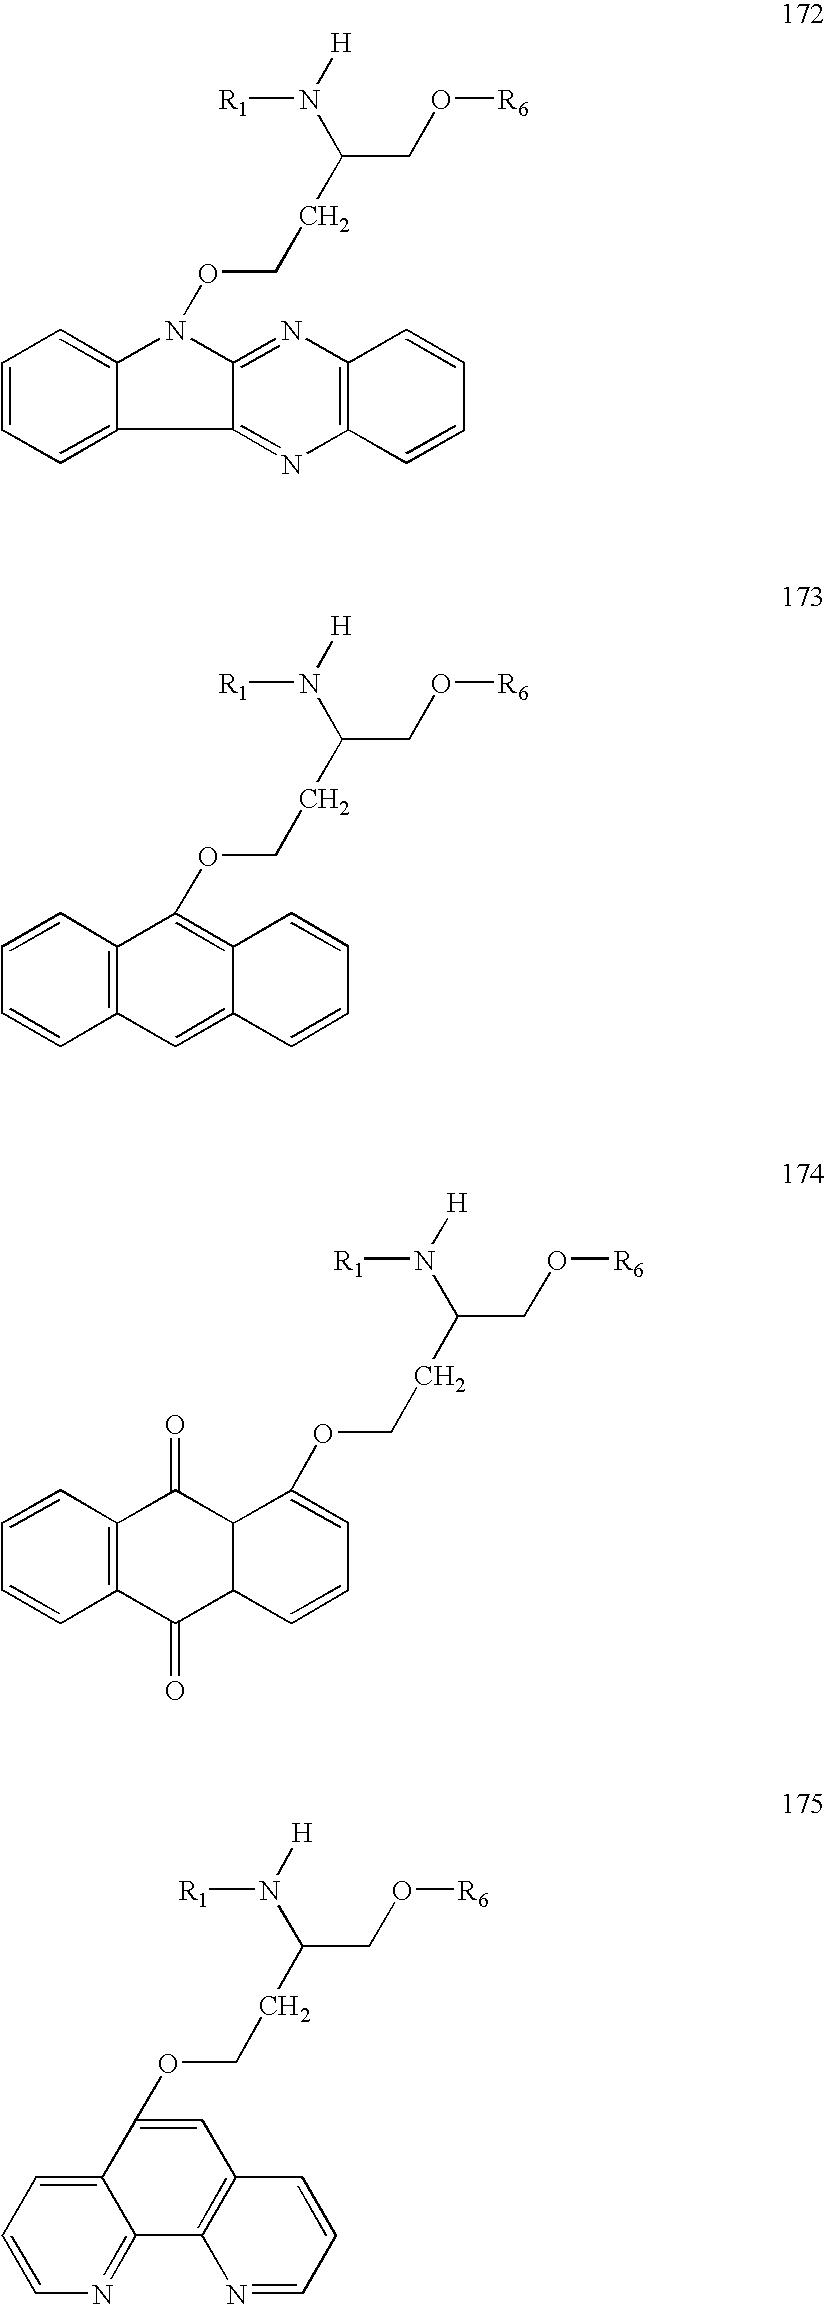 Figure US20060014144A1-20060119-C00126